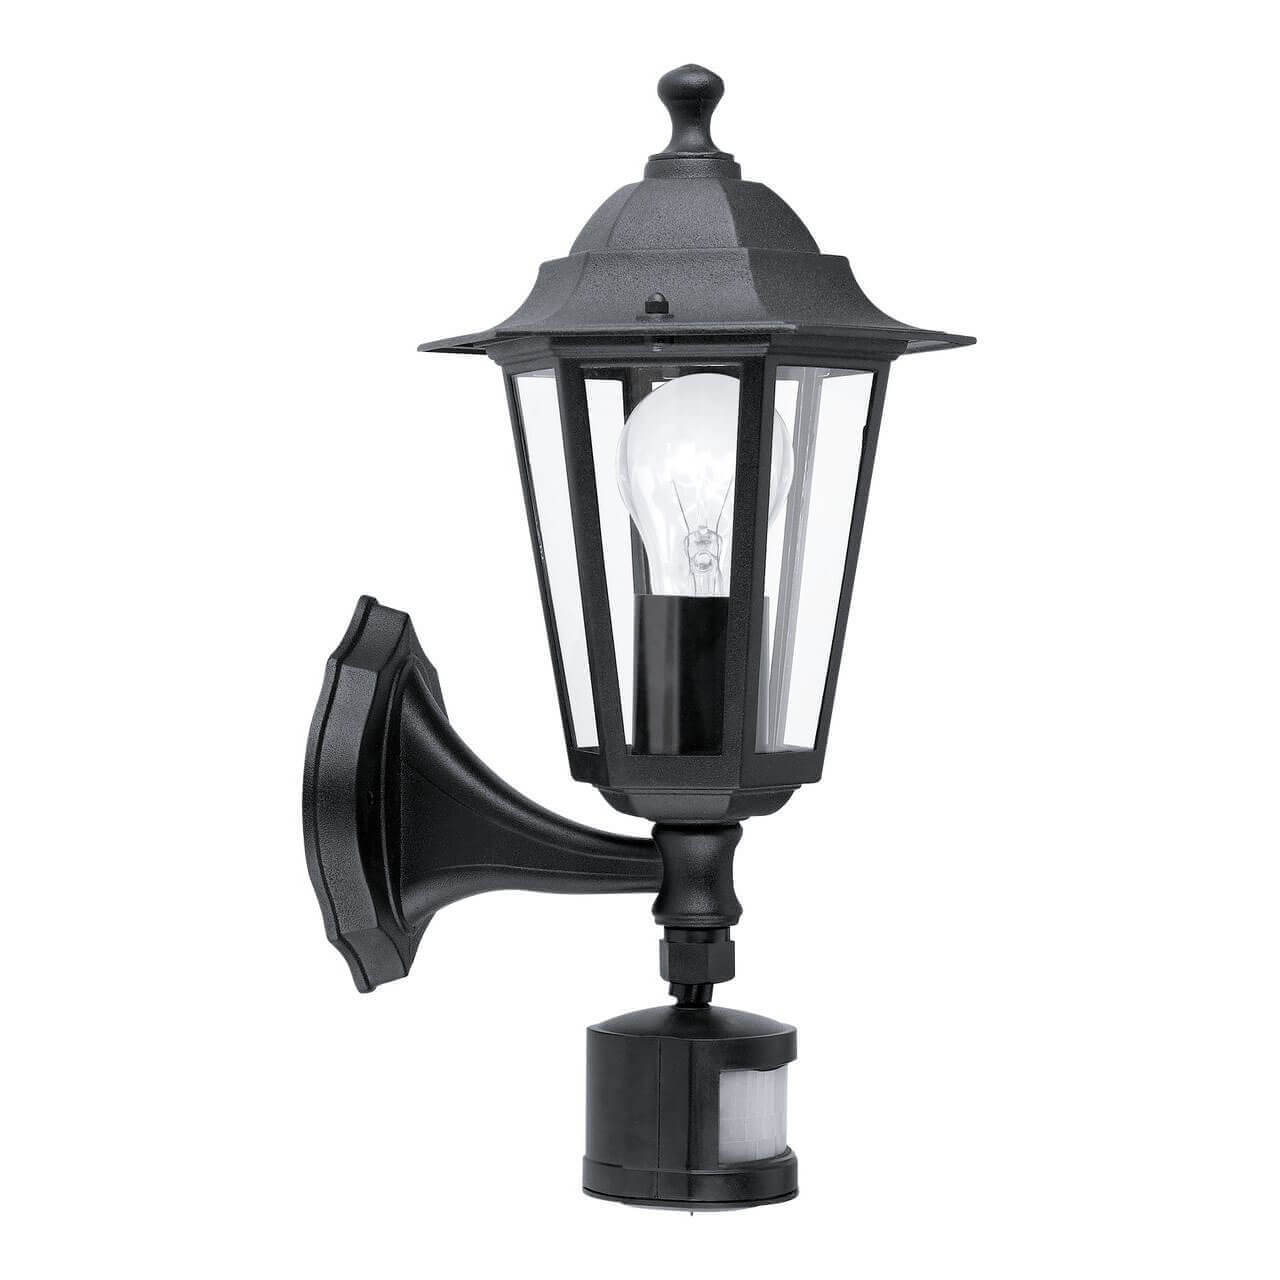 цена на Уличный настенный светильник Eglo Laterna 4 22469